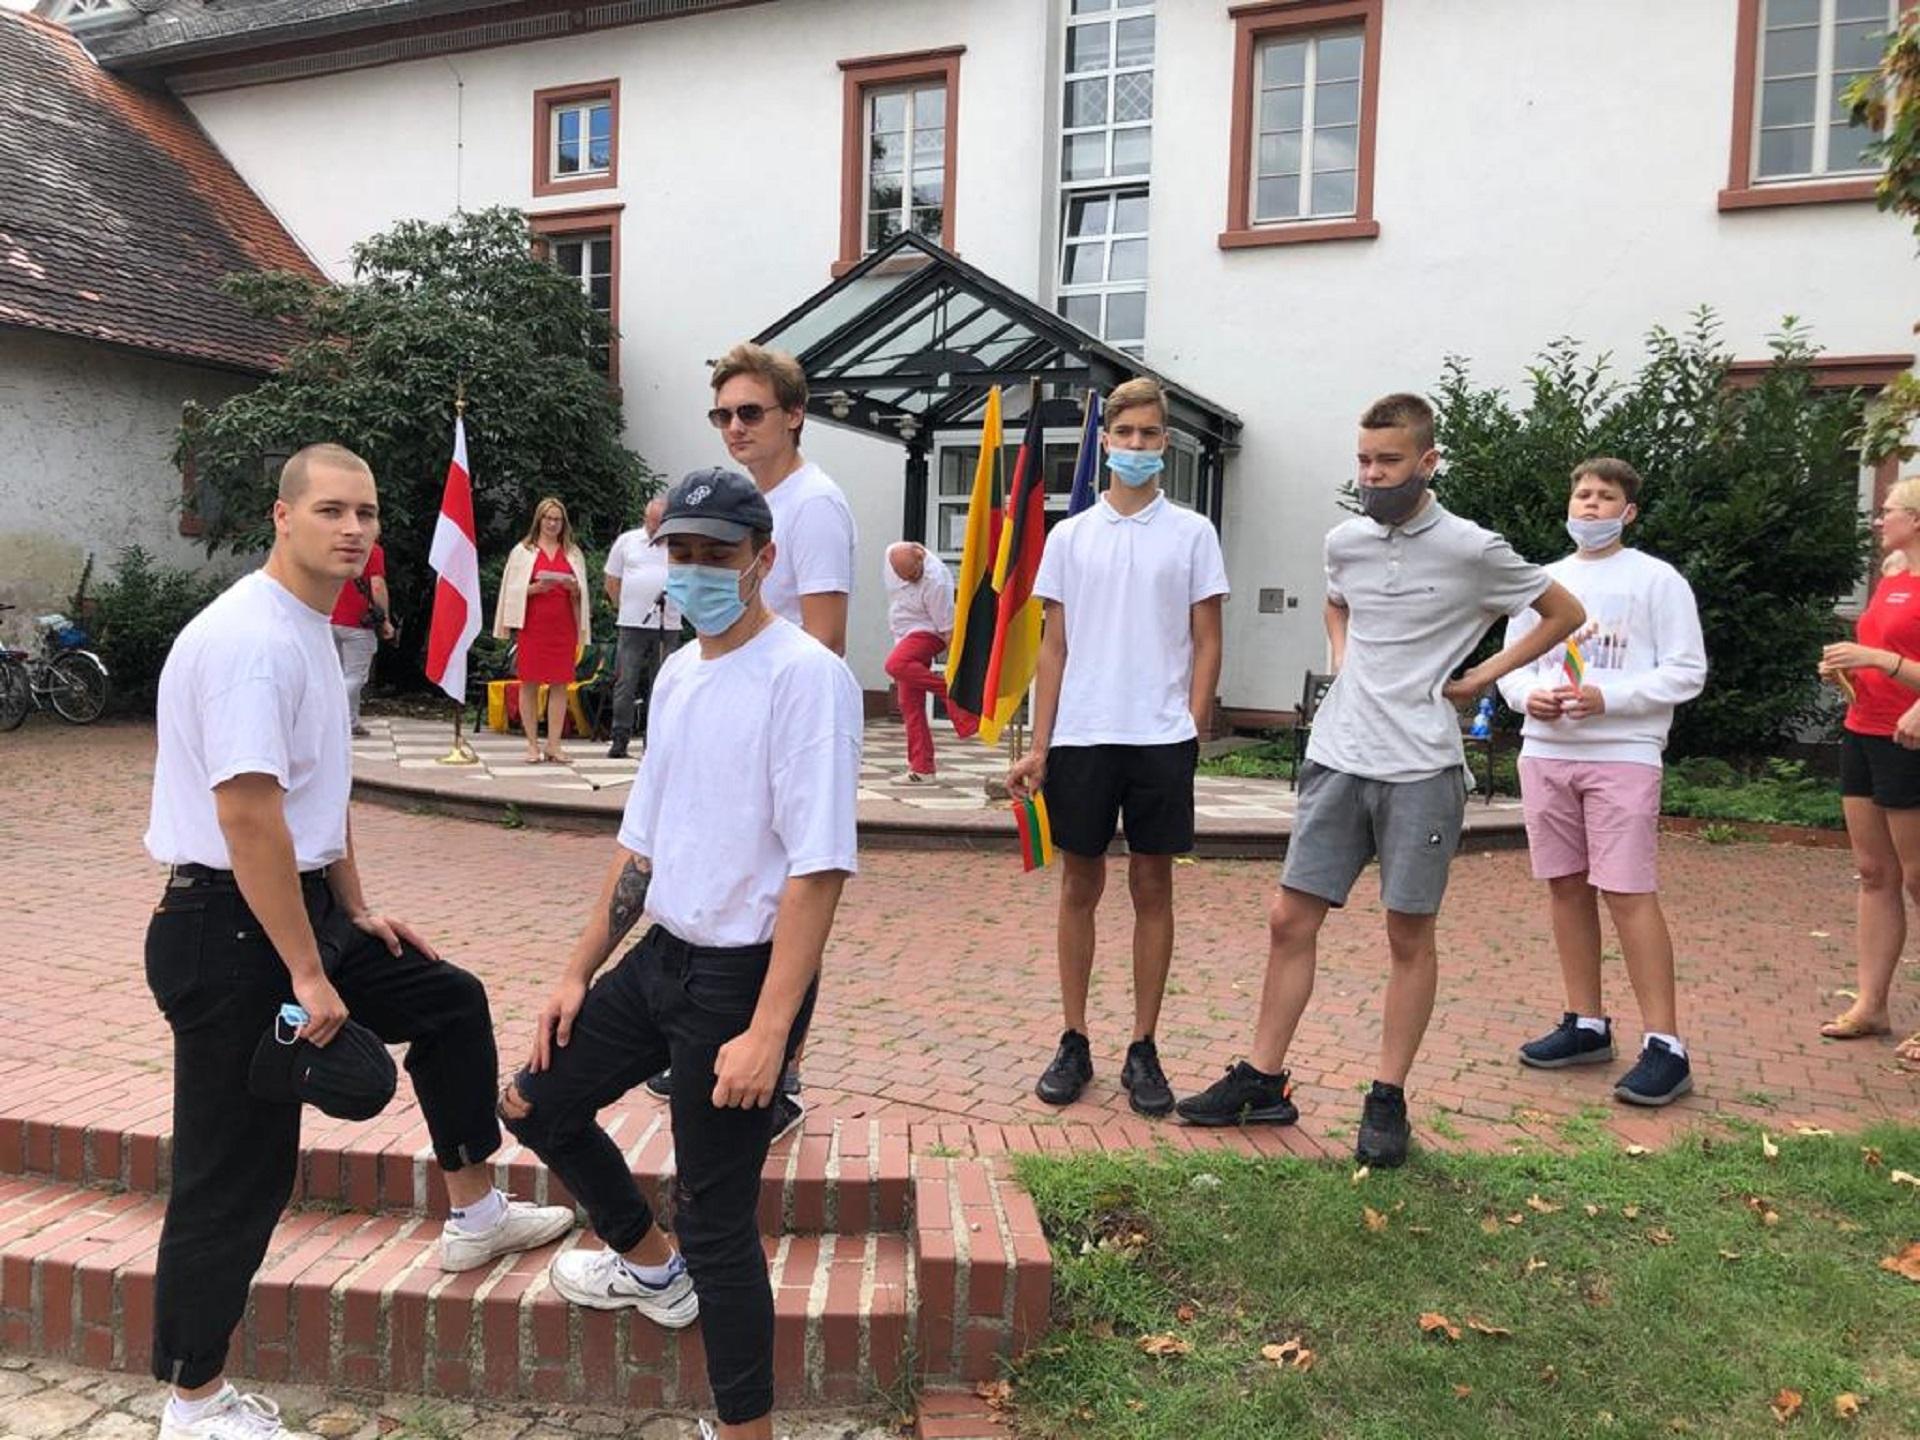 """Vasario 16-osios gimnazijos bendrabutyje gyvenantys mokiniai dalyvauja akcijoje """"Kartu su Baltarusijos tauta jos kelyje į laisvę"""" (Foto: E. Jankūnas)"""